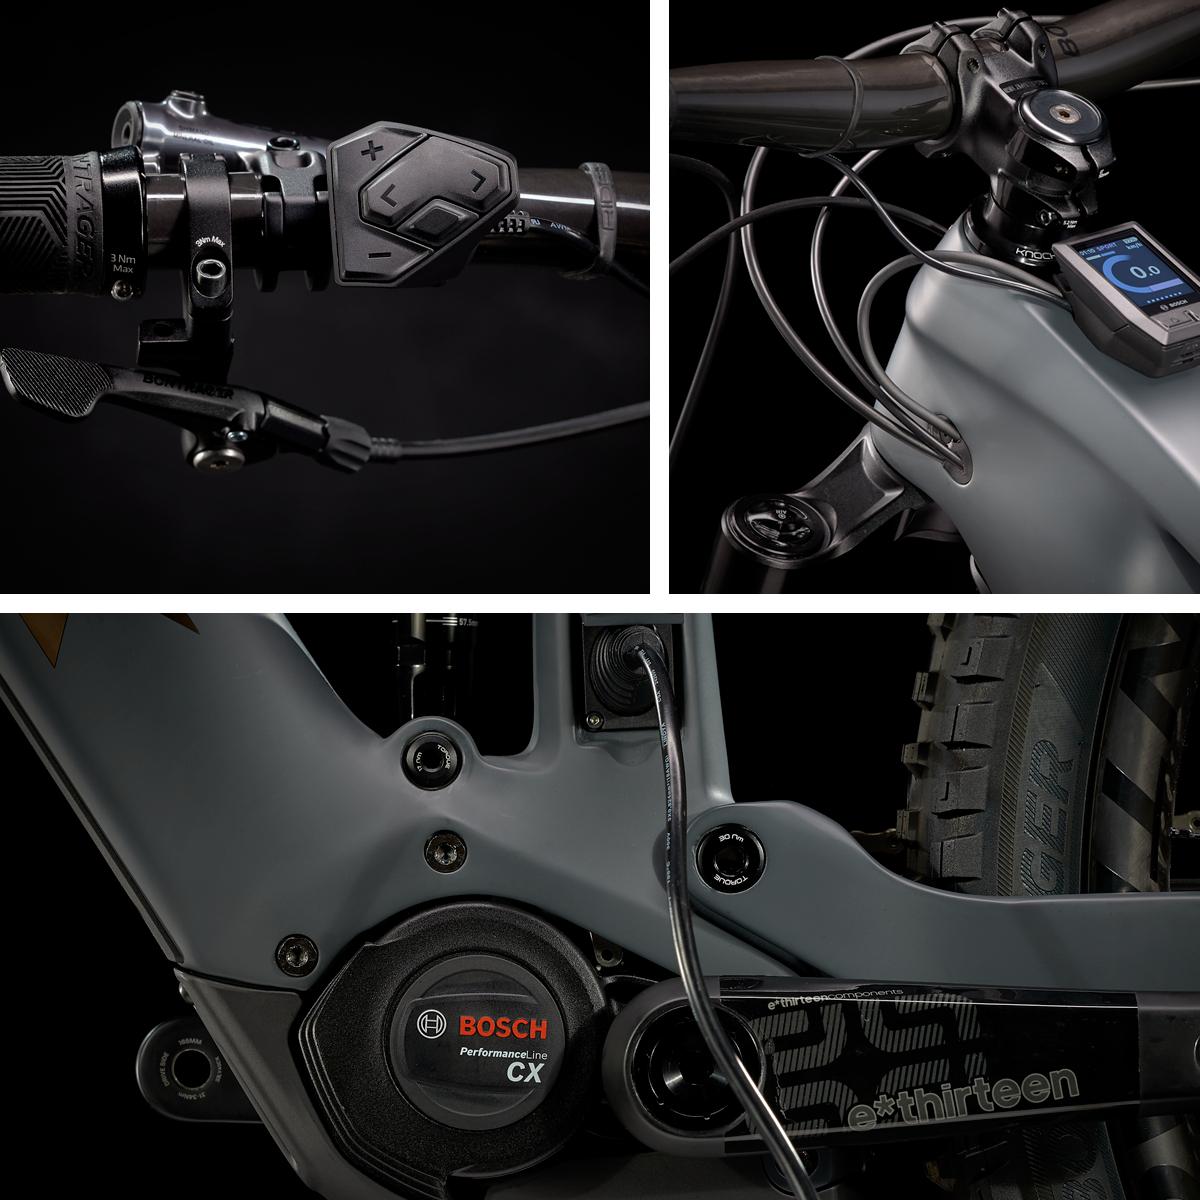 pmbike.pl - rowery i akcesoria do -30%